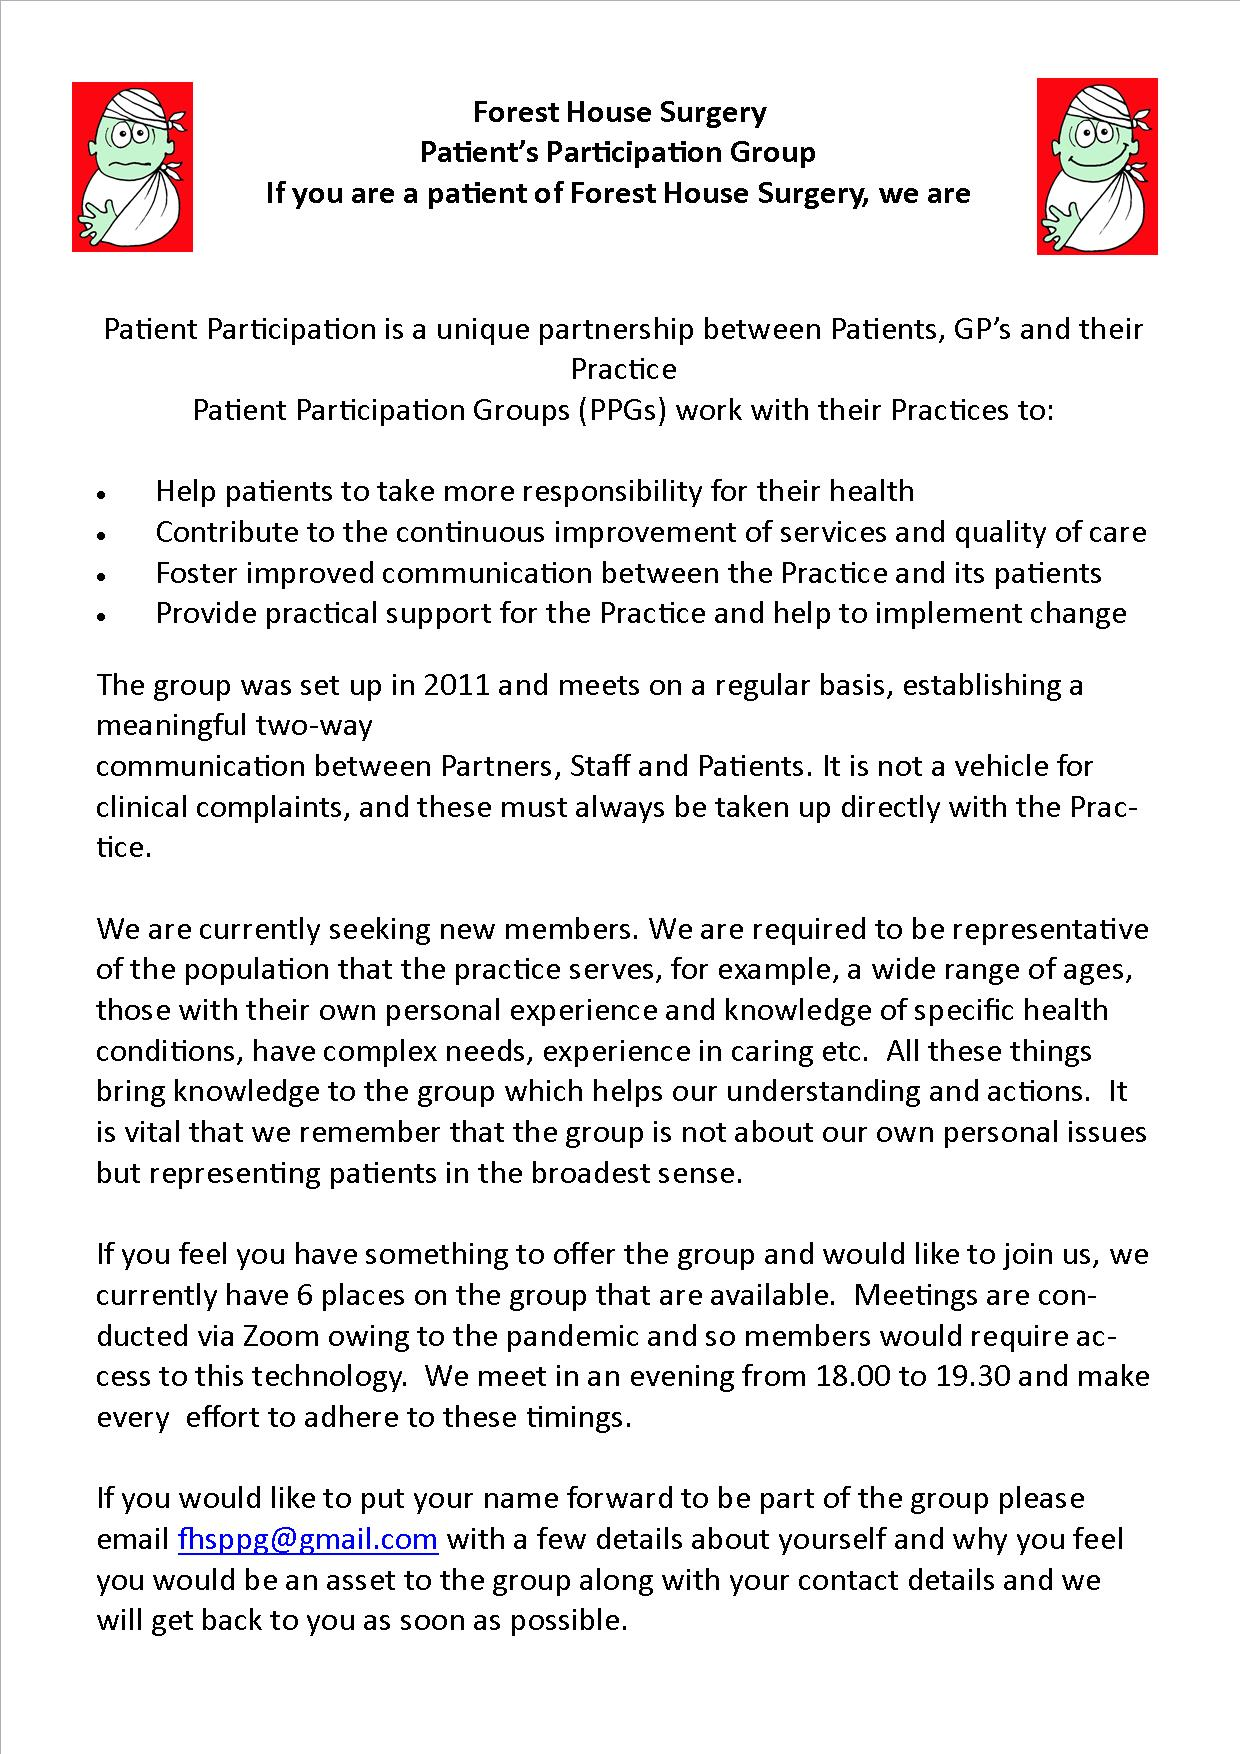 Patient Participation Group recruitment